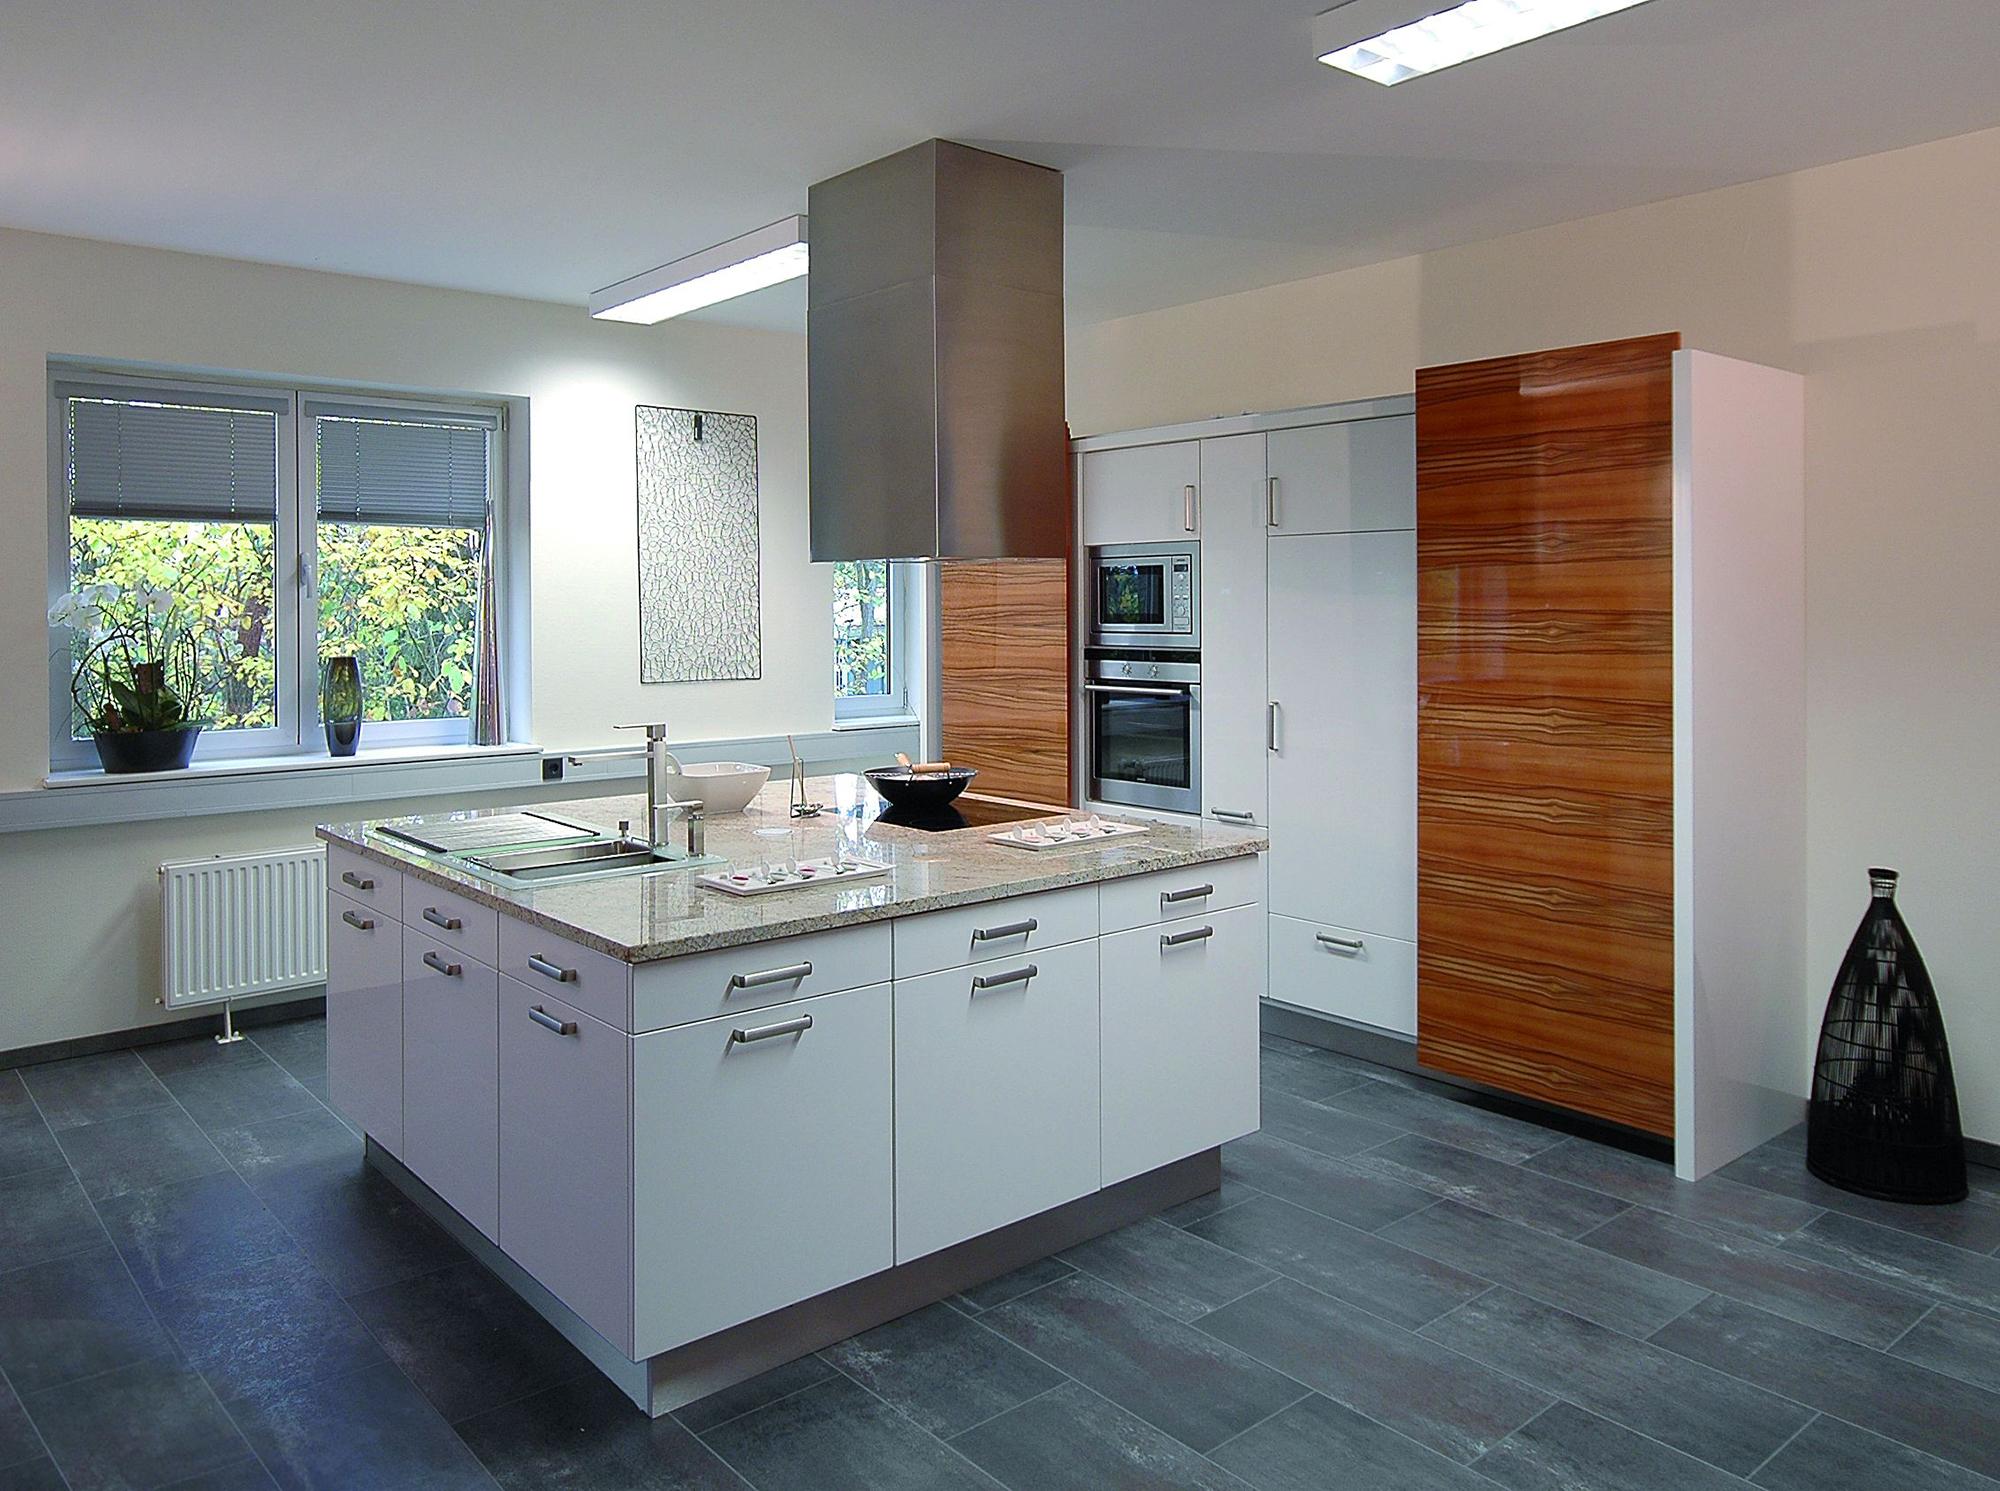 Окна с жалюзи на кухне в стиле хай-тек